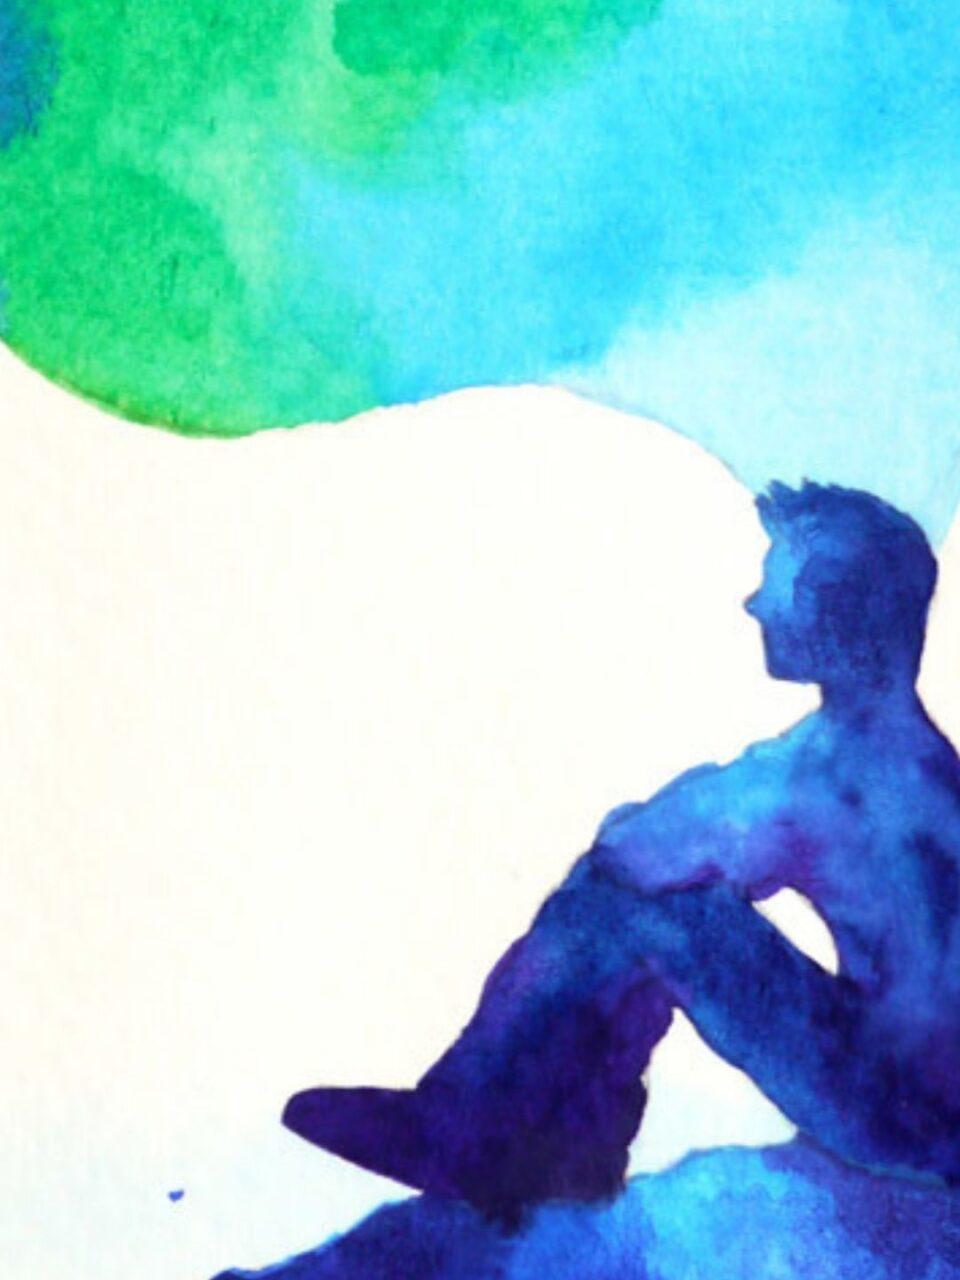 https://www.destinarti.it/wp-content/uploads/2019/07/sciamanesimo-il-potere-terapeutico-della-consapevolezza-multidimensionale-2-960x1280.jpg